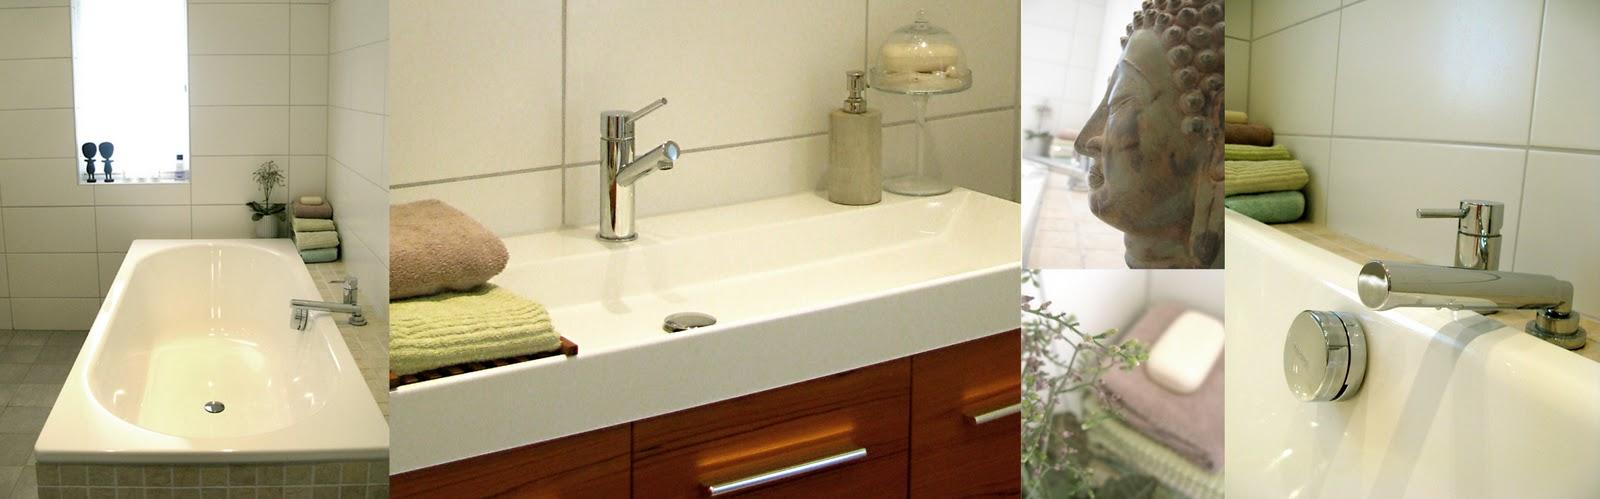 Formelle design: 4 badrum   före och efter